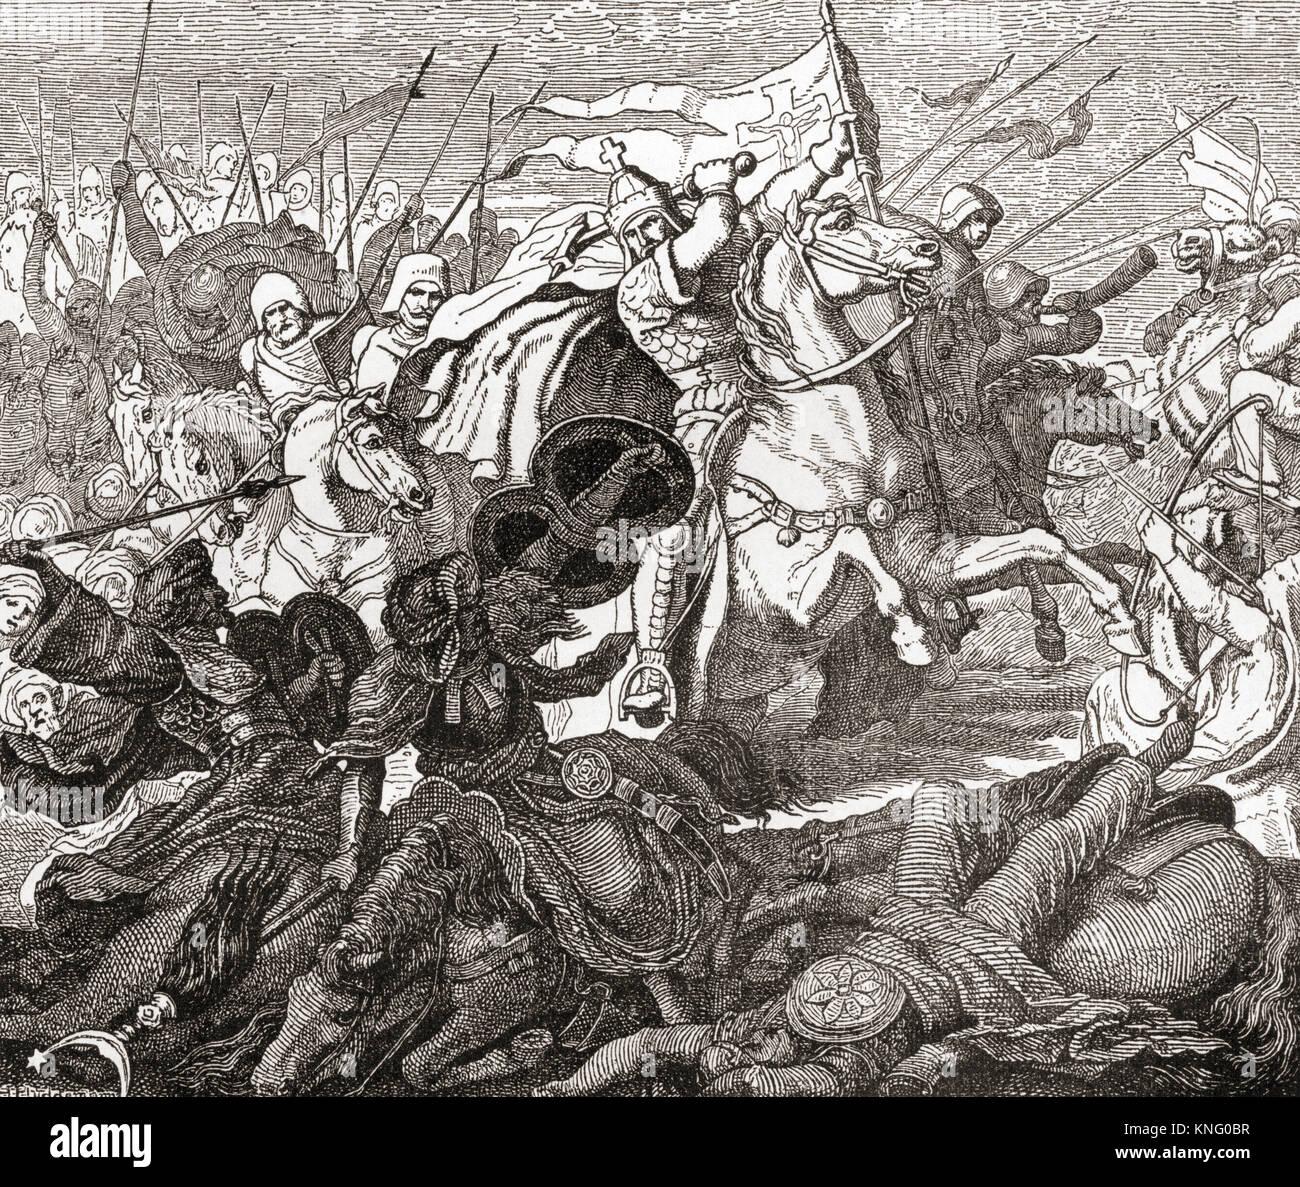 Charles Martel nella battaglia di Tours in 732. Charles Martel, c. 686 - 741. Statista Frankish e capo militare Immagini Stock